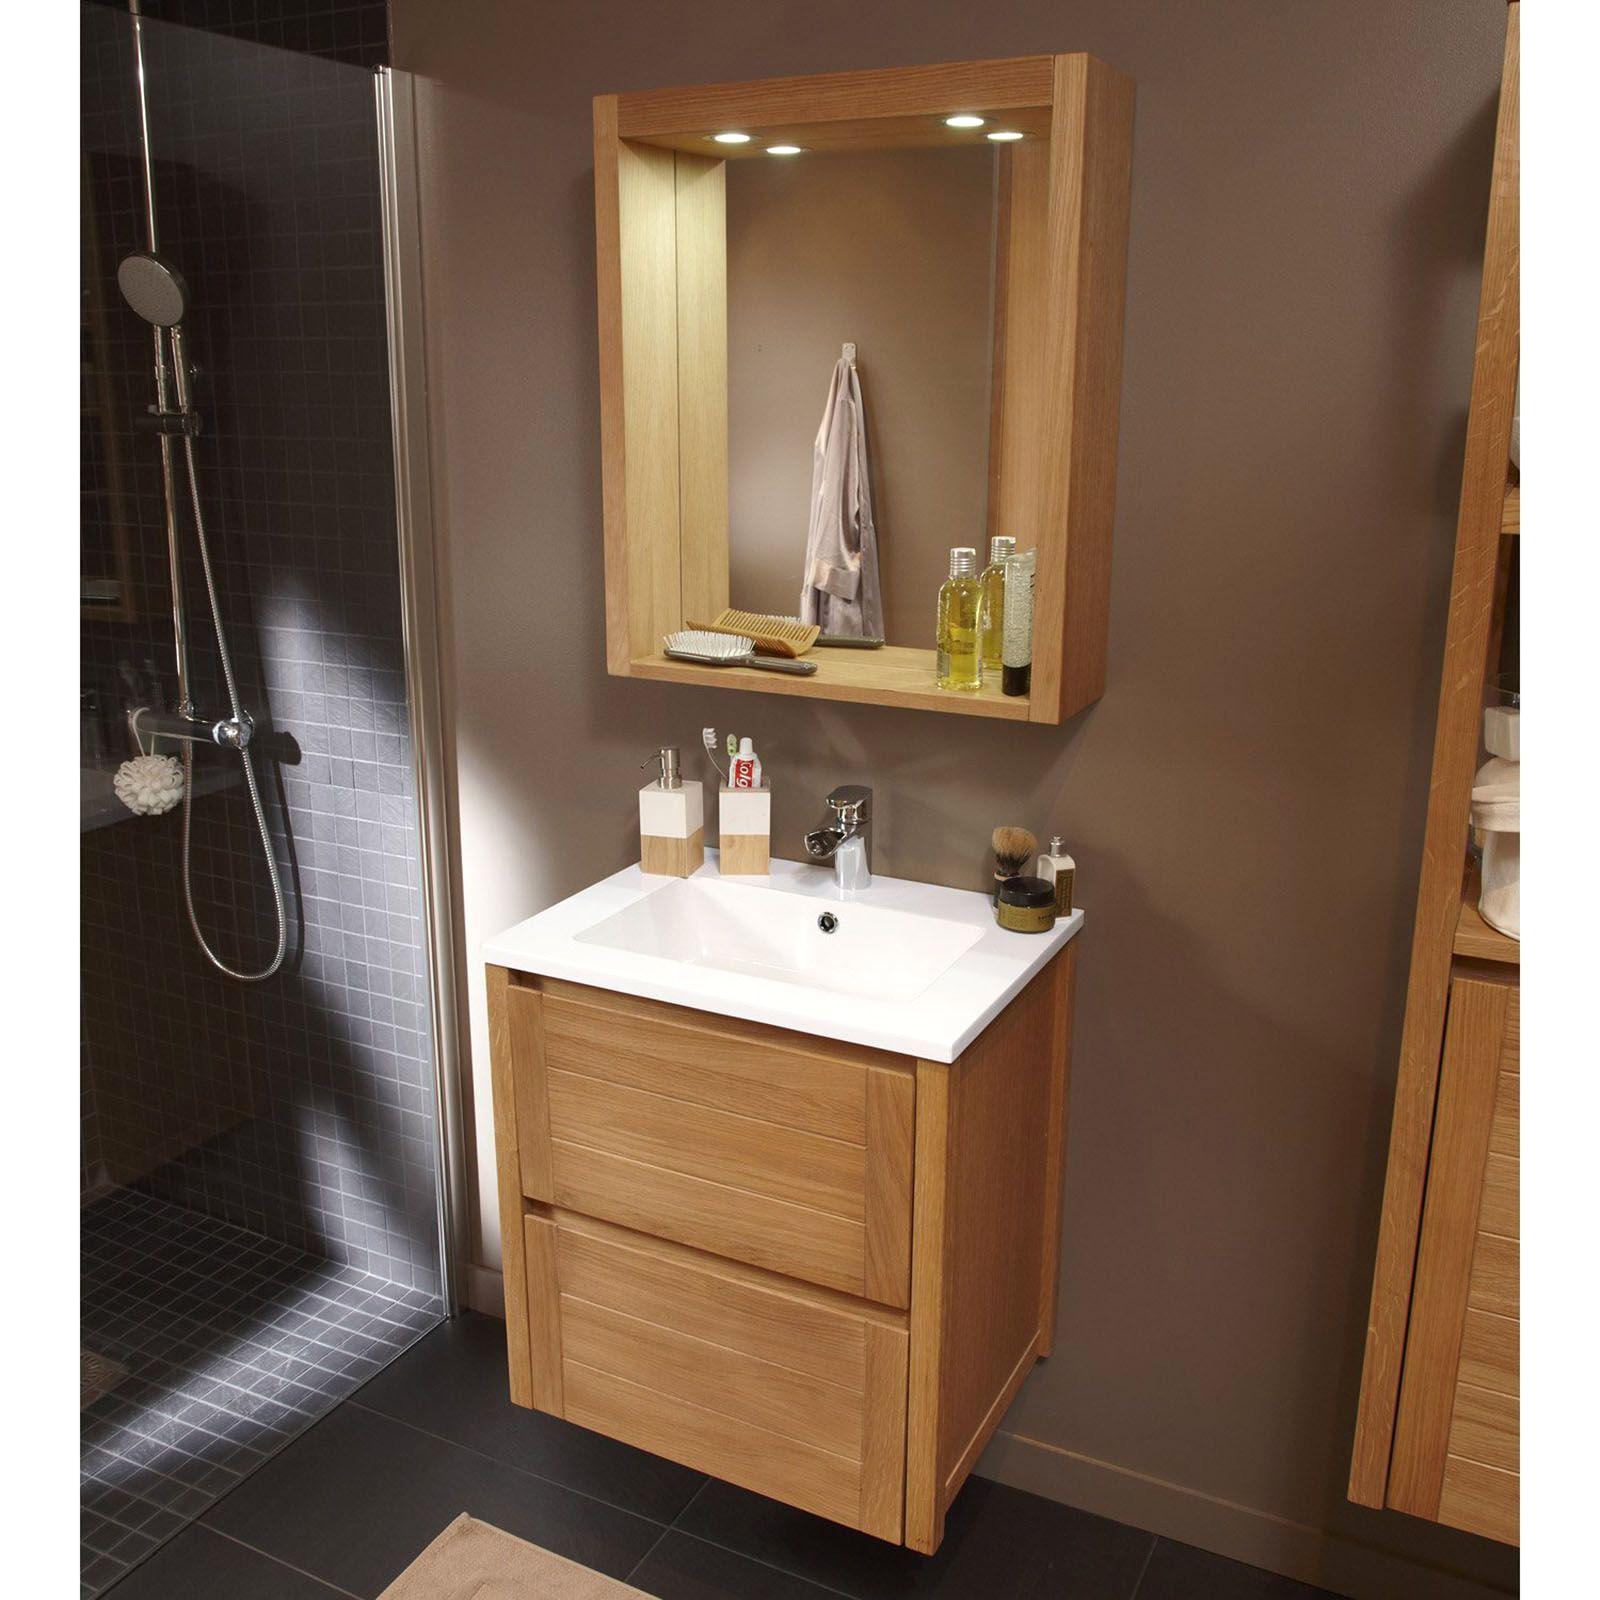 Miroir Salle De Bain Lumineux Leroy Merlin Frais Photos toilettes Leroy Merlin Armoire Miroir Chambre Portes Pour Bijoux